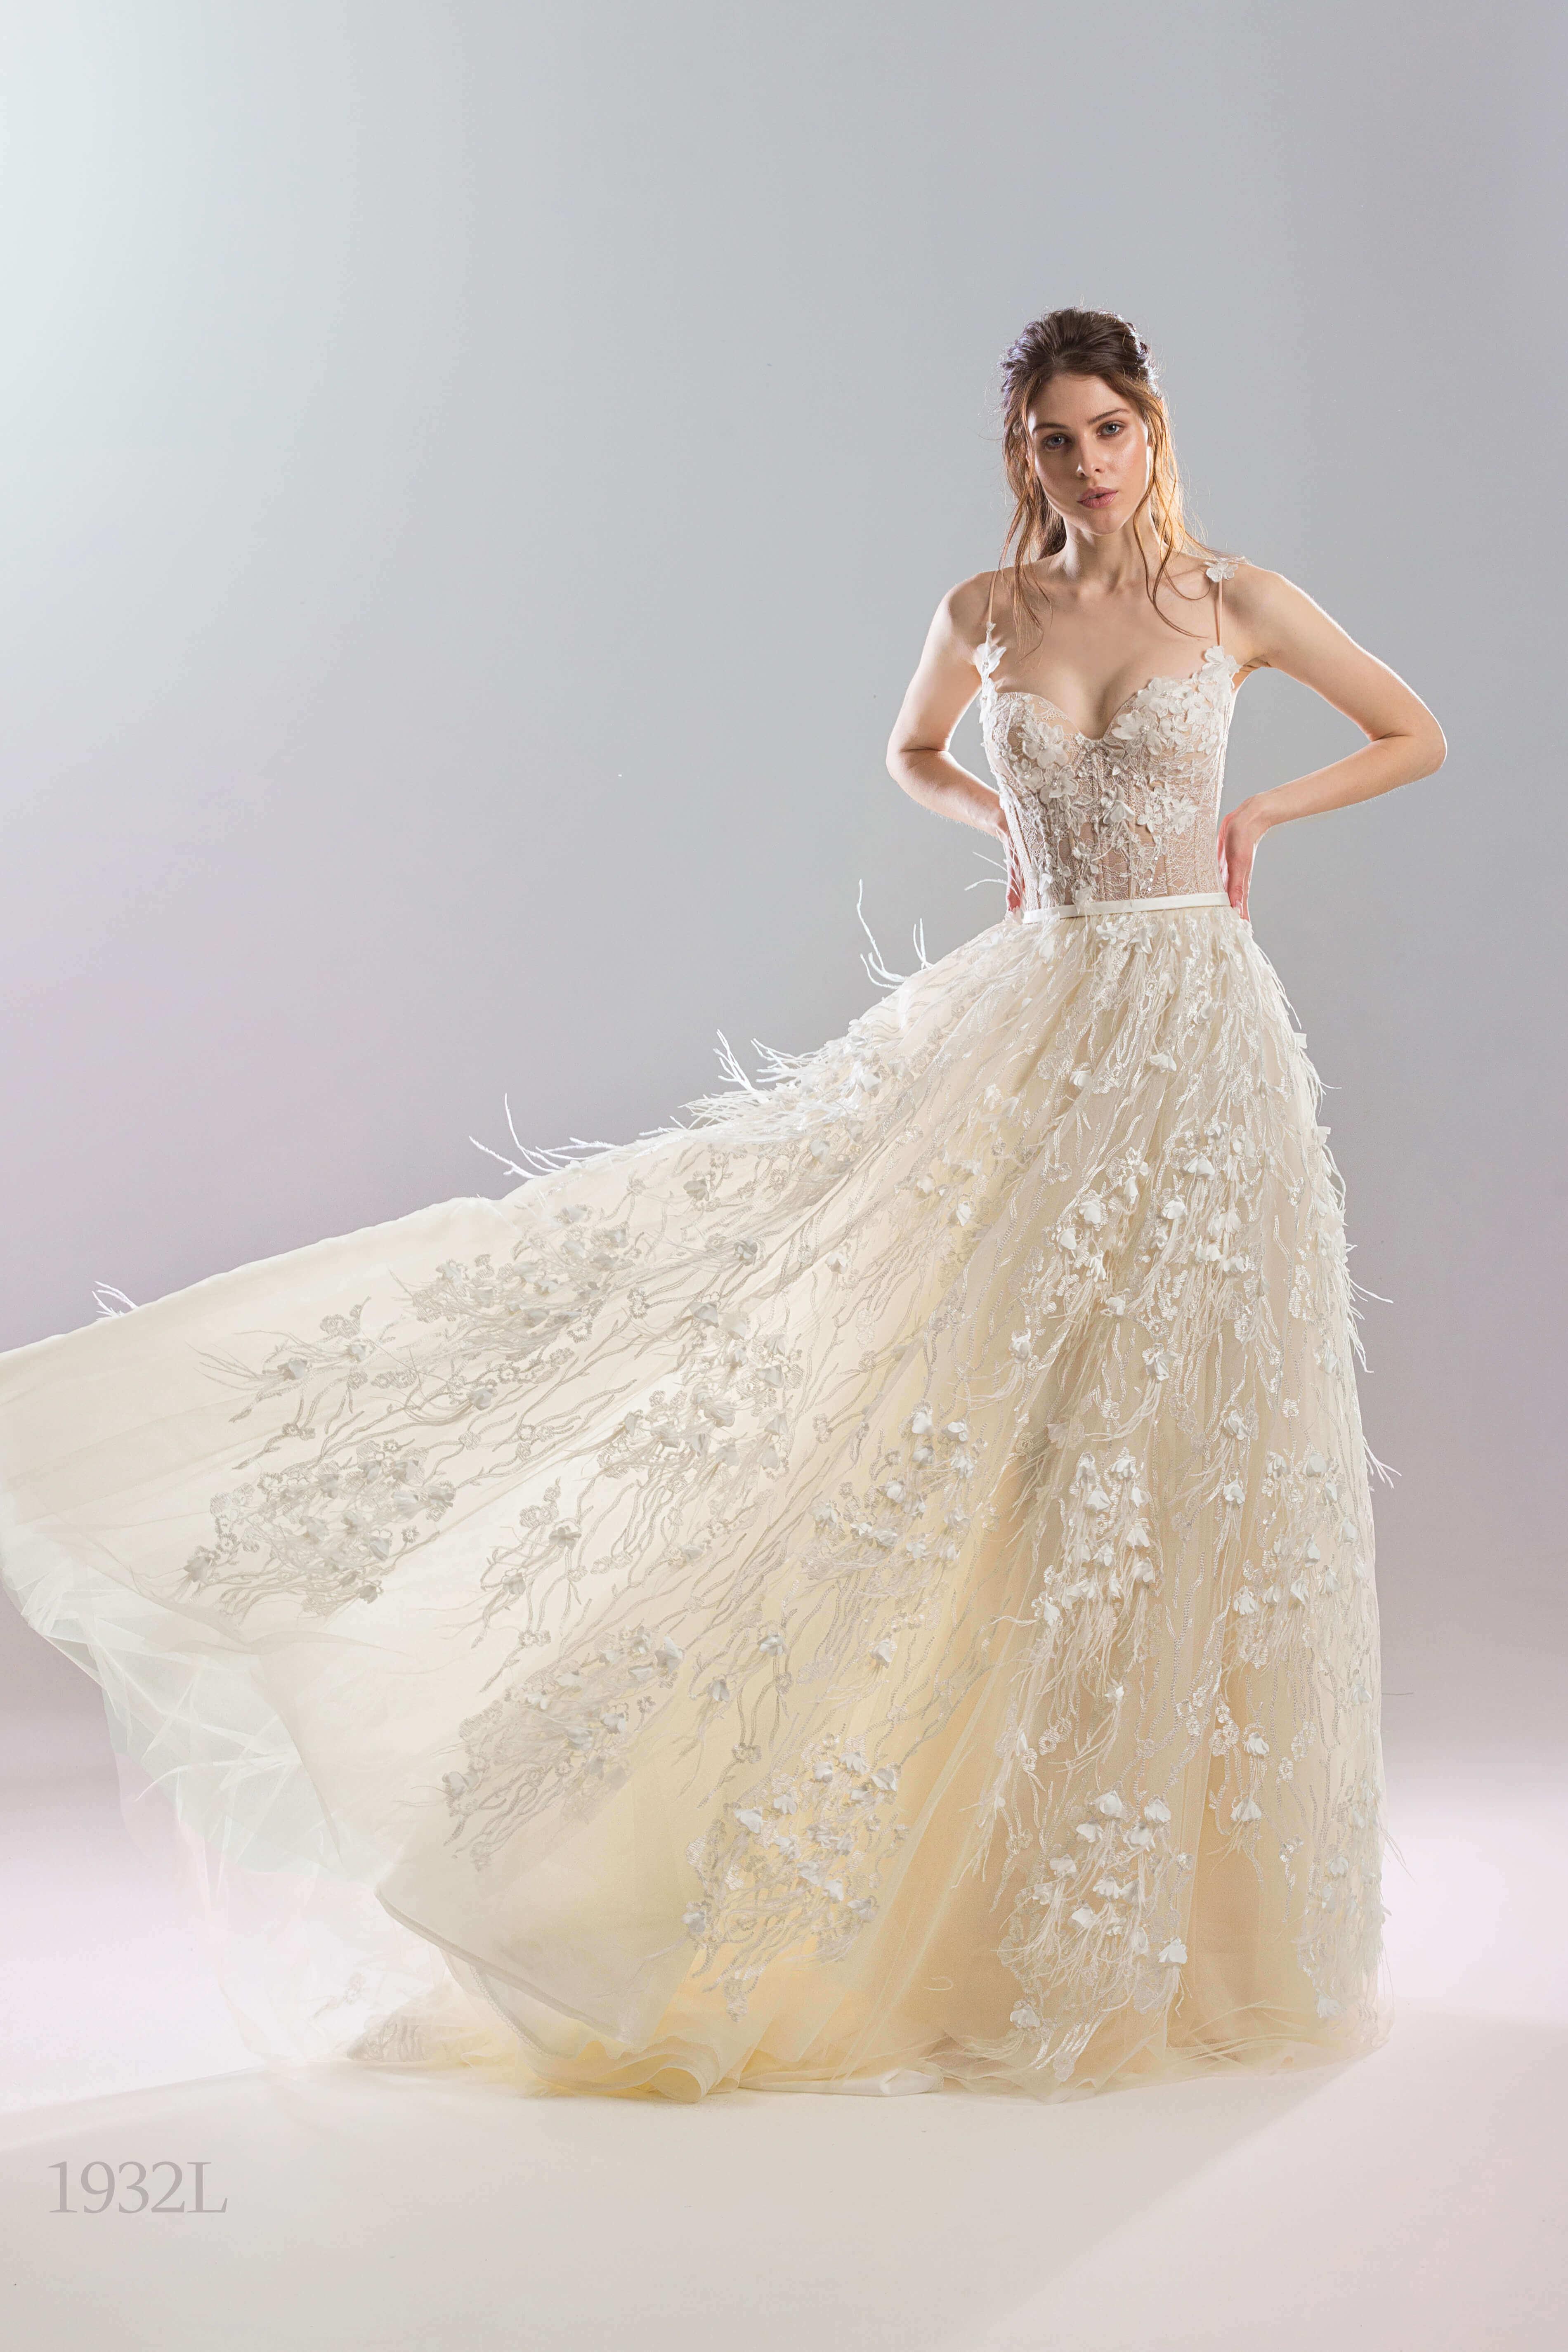 Bridal Dresses – Bridal Gowns – Bridal Boutique Baden Baden